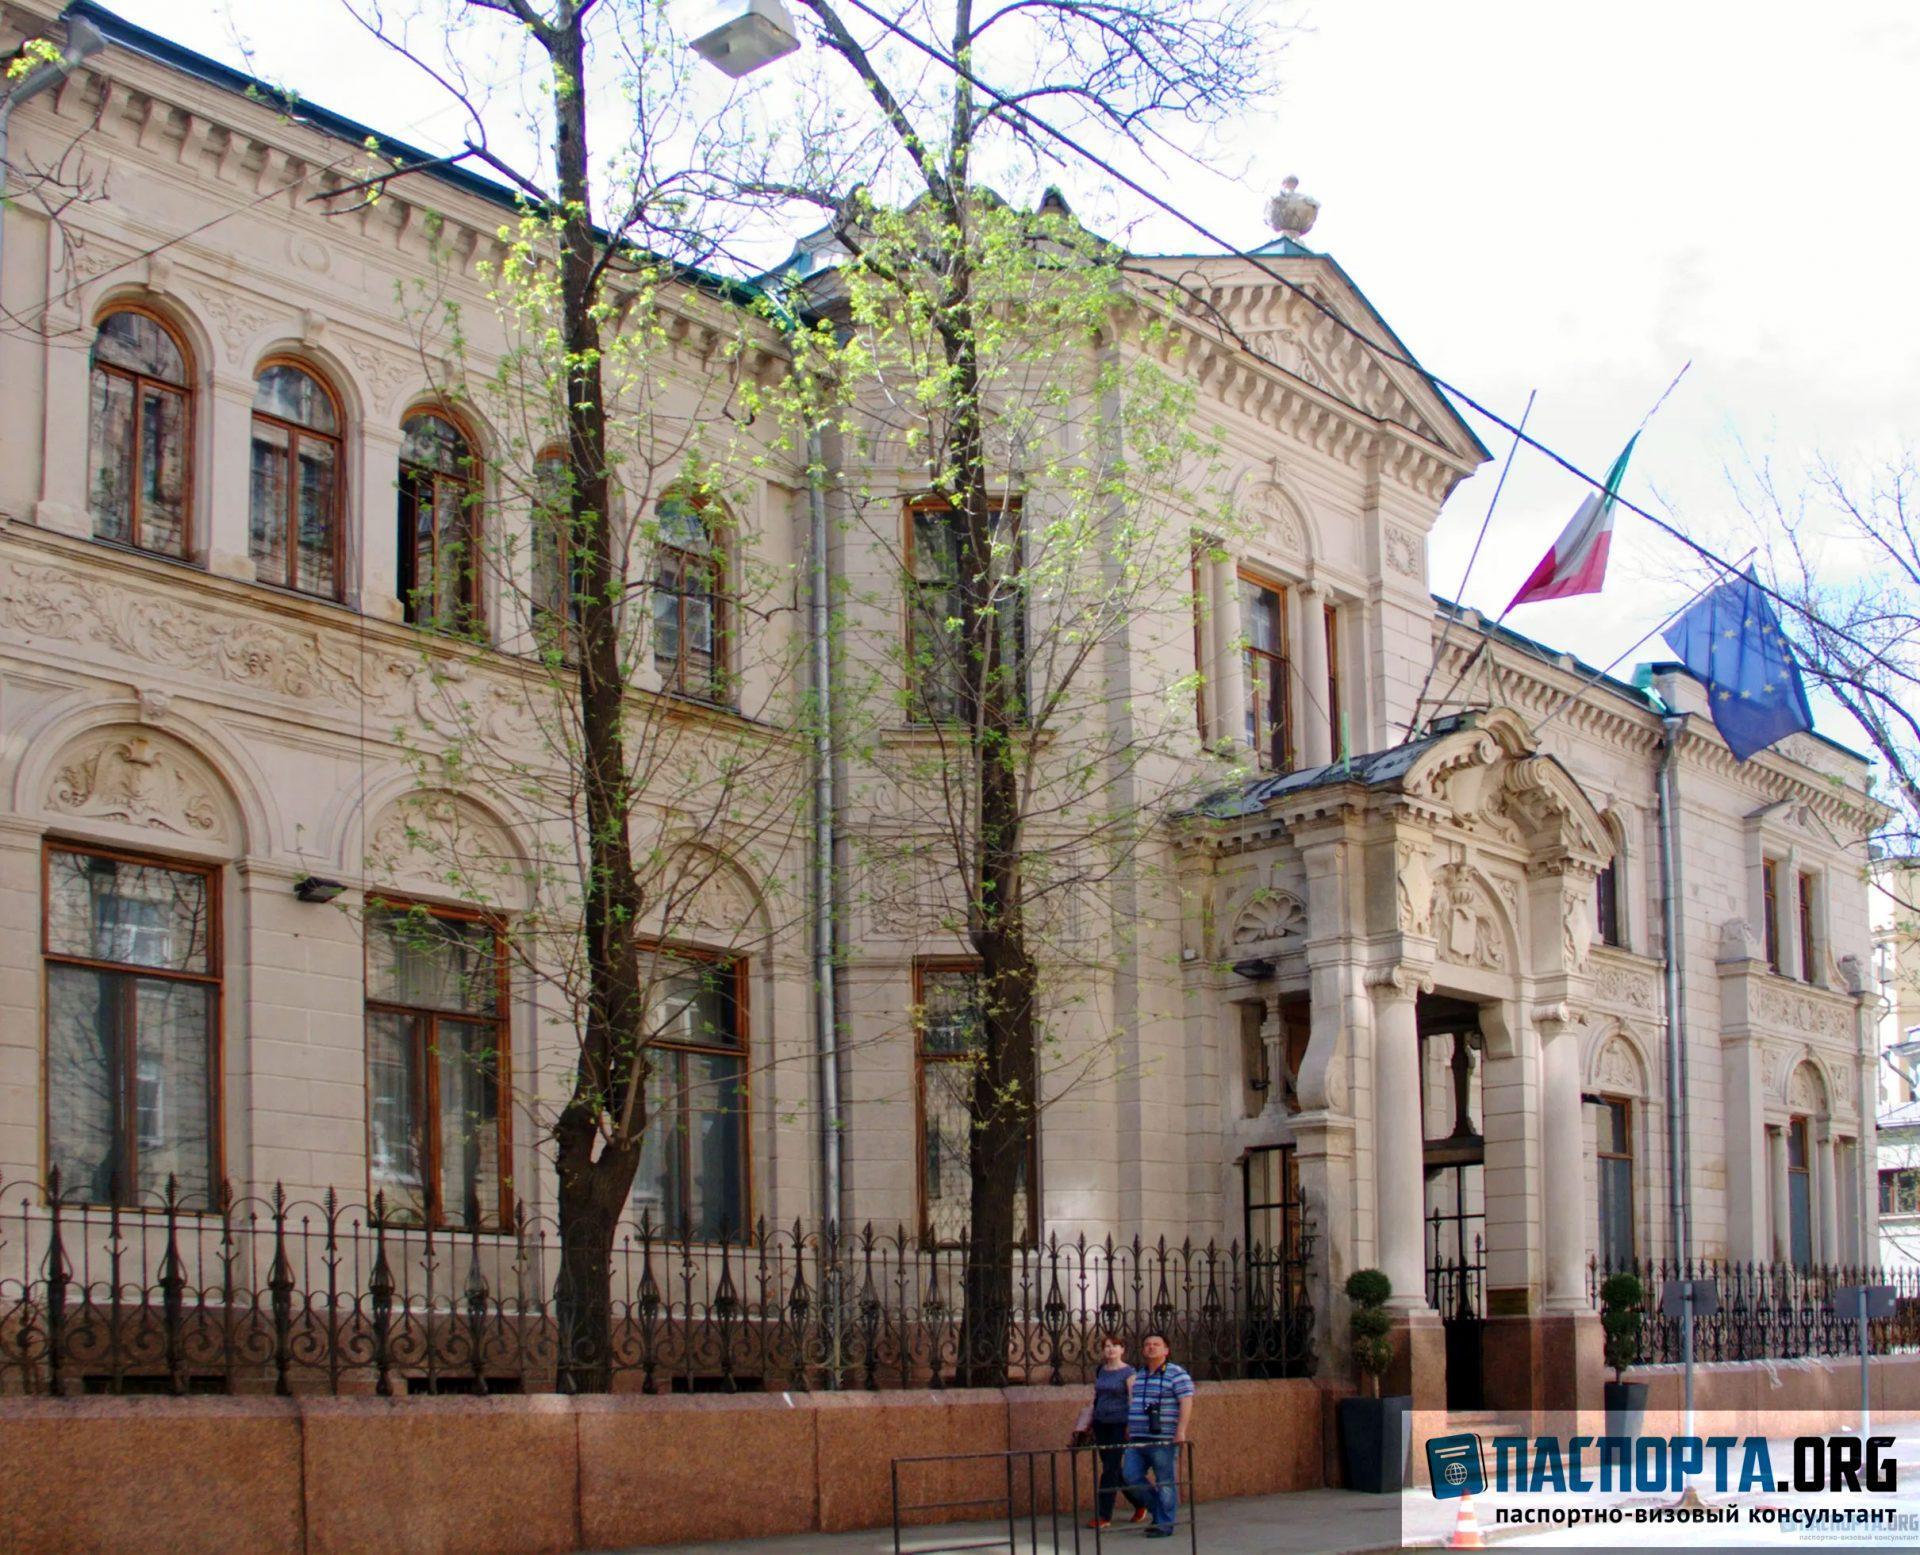 Посольство Италии в Москве - официальный сайт, адрес и контакты